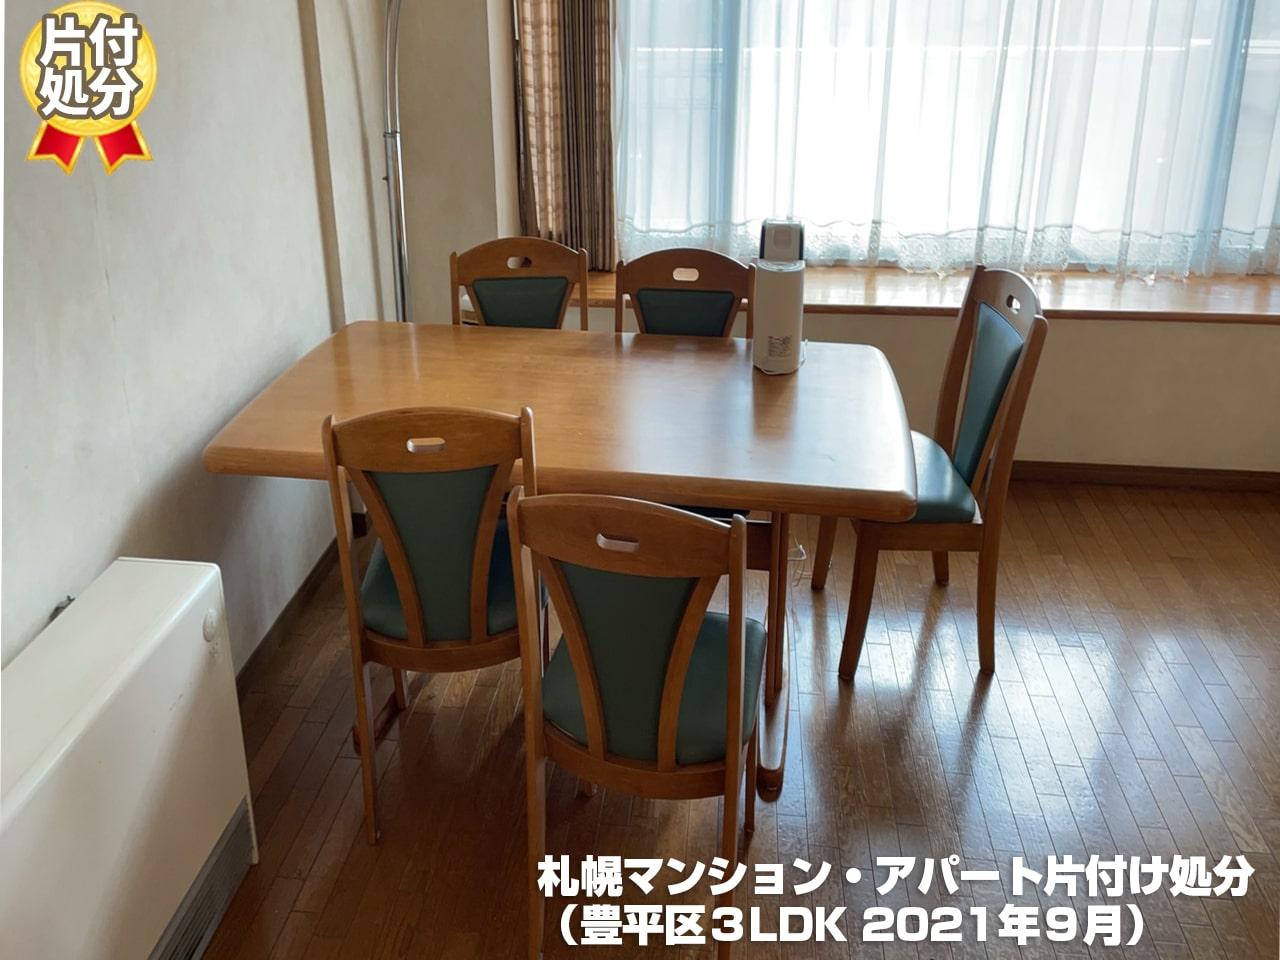 札幌マンション・アパート片付け処分(豊平区3LDK・2021年9月)